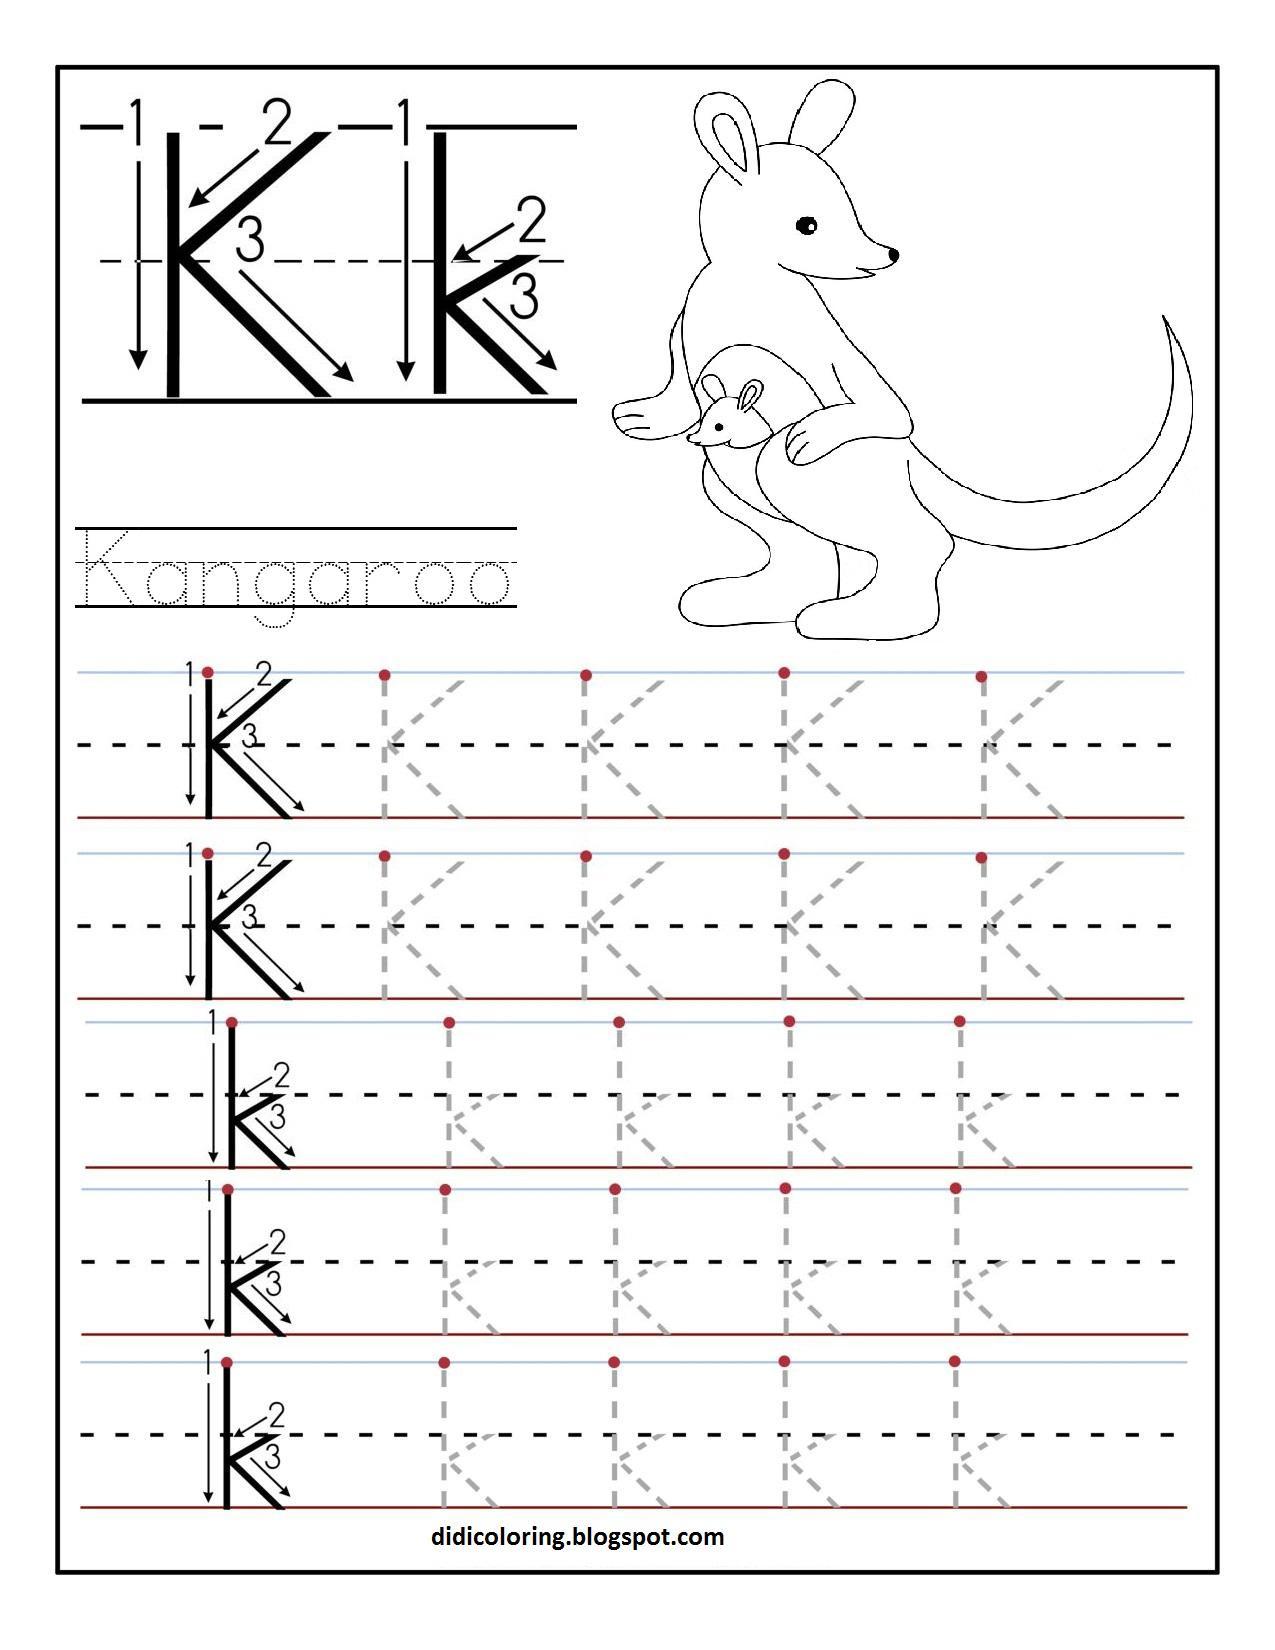 Preschool Worksheets For Letter K